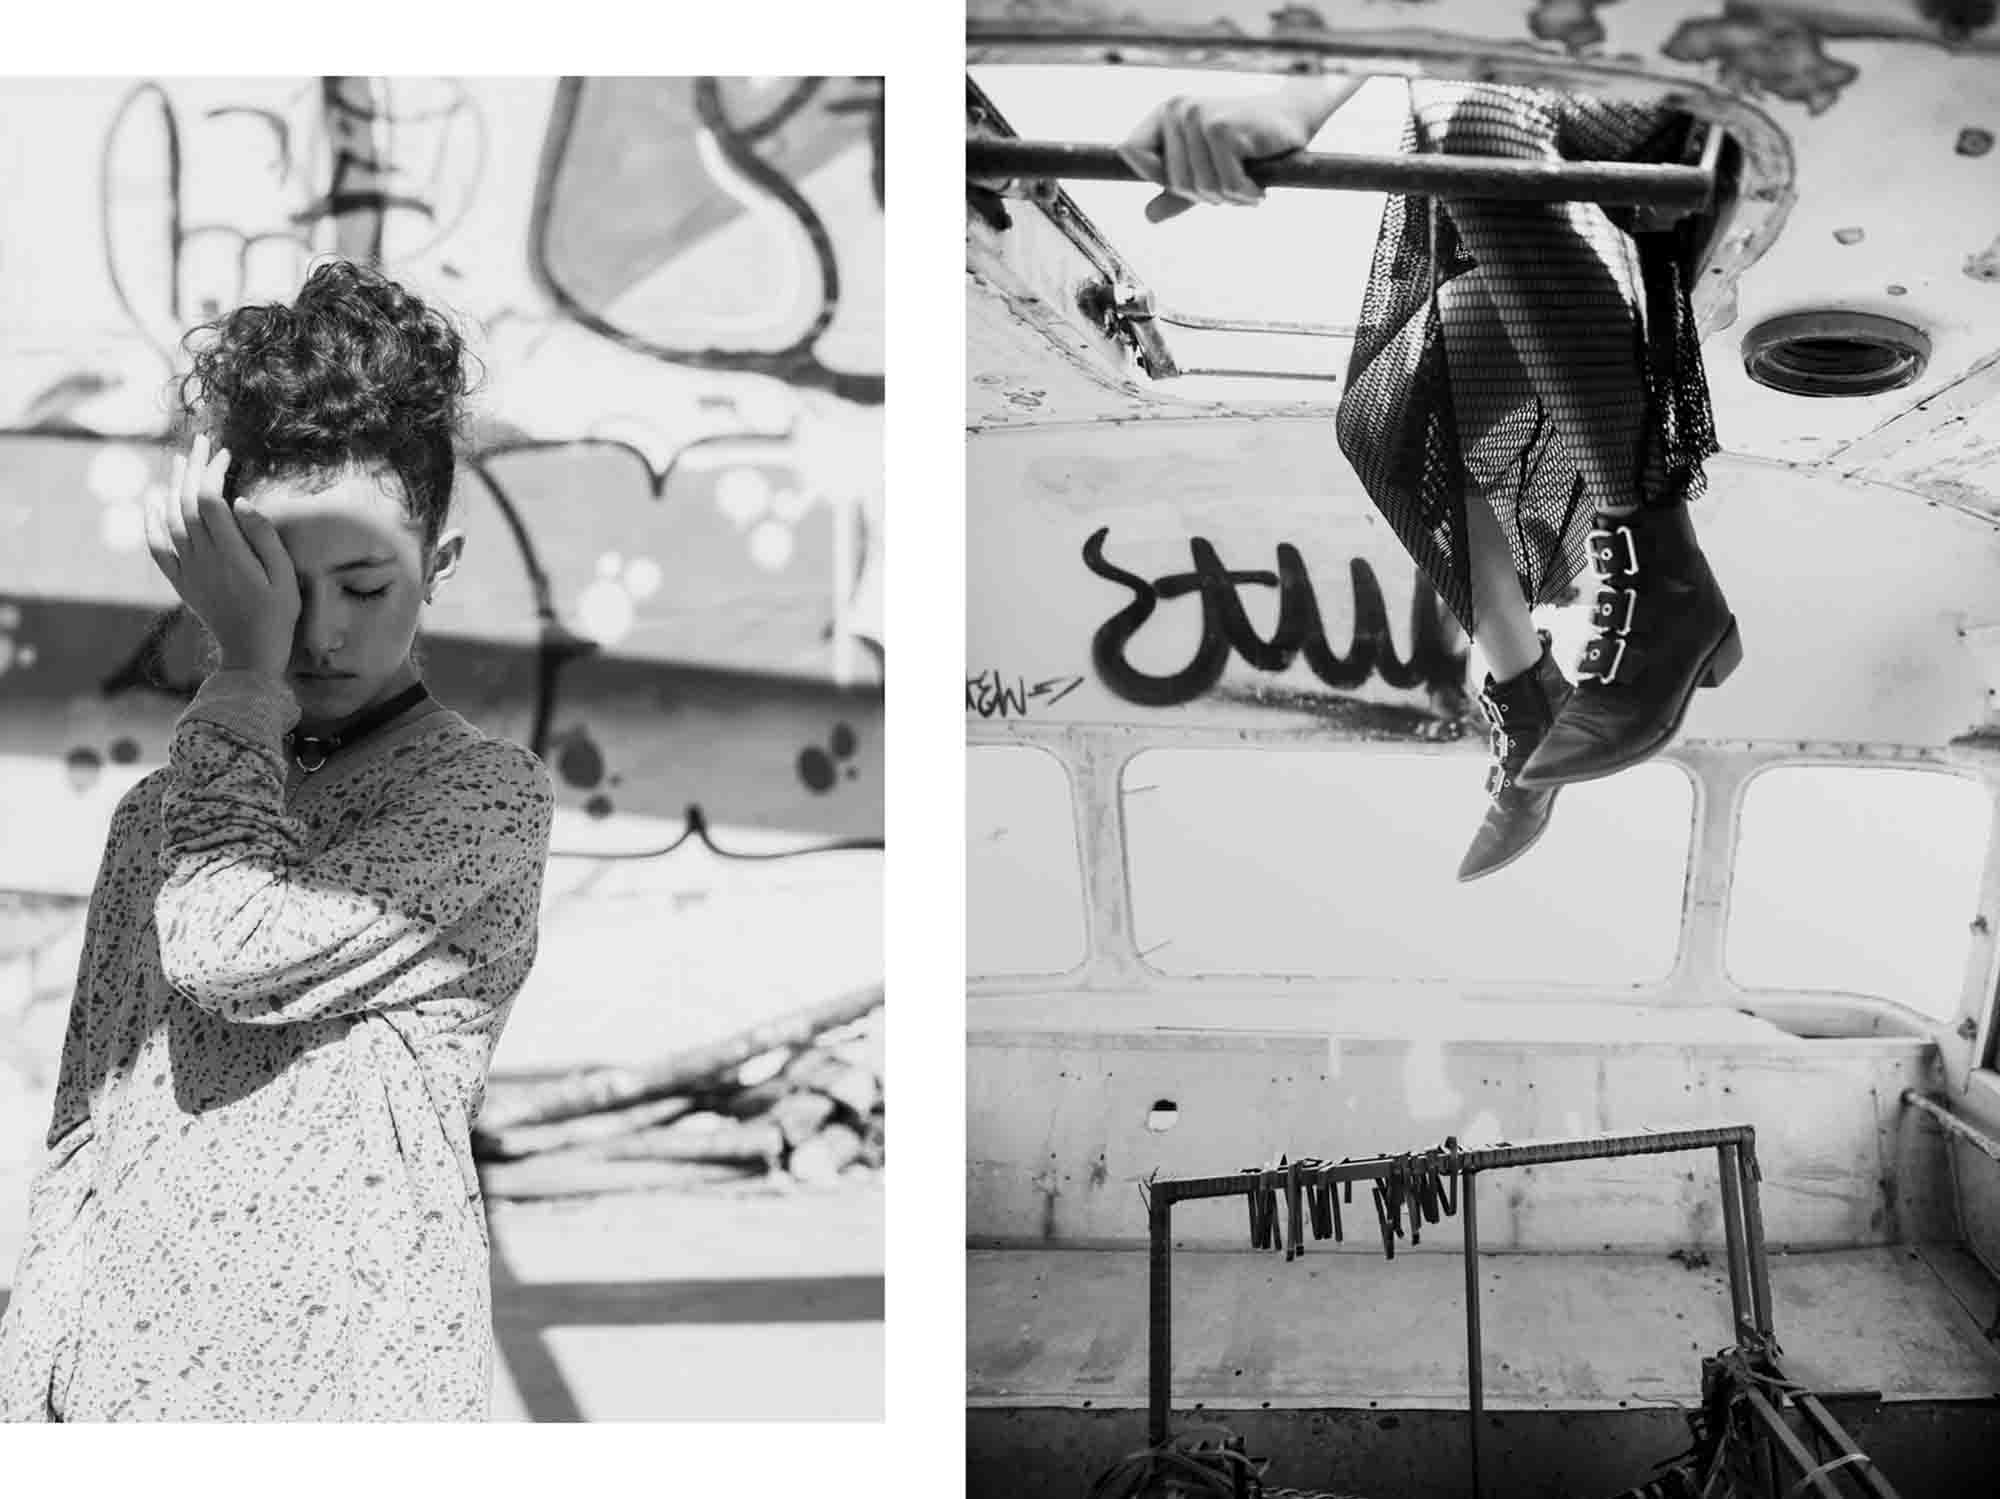 חדשות אופנה, כתבות אופנה, טרנדים, מגזין אופנה, אופנה, Fashion Academy: צילום והפקה: עופרה רון מזור, סטיילינג: ג׳ני טסלר, עיצוב שיער ואיפור: רביד פלג, עוזר צלם: גלעד שרם, וידאו בקסטייג: שירלי פוקס, דוגמנים: יהלי דוידוביץ, נעמה מזור, עלמה בן בסט, יובל קציר אופנה: zara, mango, ואוסף פרטי - 10